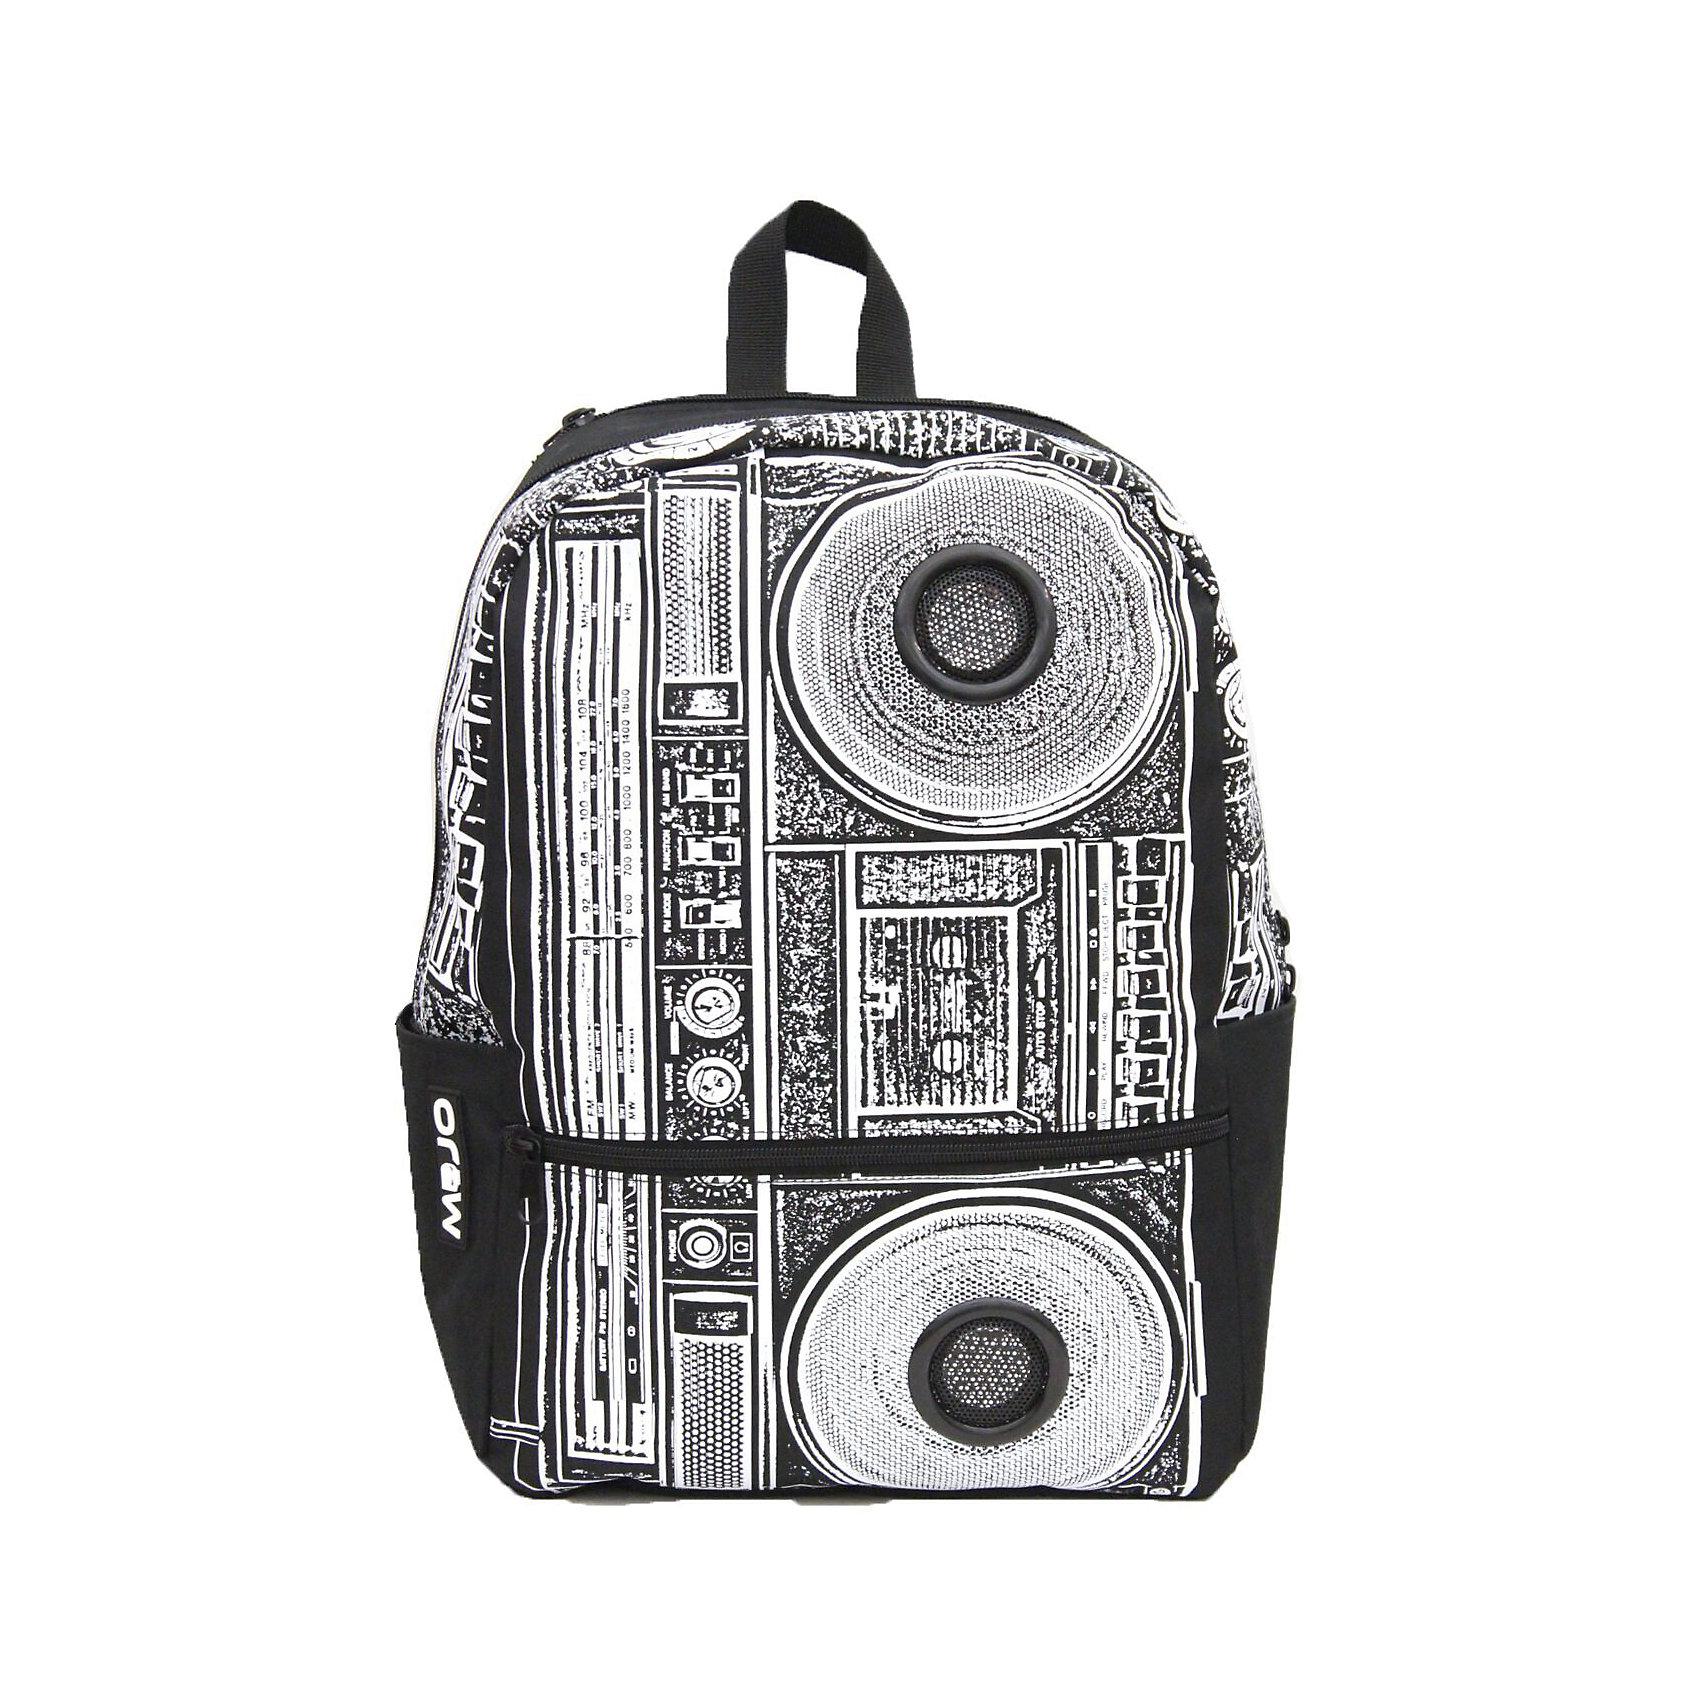 Рюкзак BOOMBOX, цвет черный/белыйРюкзаки<br>Вес: 0,5 кг<br>Размер: 43х31х18 см<br>Состав: рюкзак<br>Наличие светоотражающих элементов: нет<br>Материал: полиэстер<br><br>Ширина мм: 430<br>Глубина мм: 310<br>Высота мм: 180<br>Вес г: 500<br>Возраст от месяцев: 120<br>Возраст до месяцев: 720<br>Пол: Унисекс<br>Возраст: Детский<br>SKU: 7054146